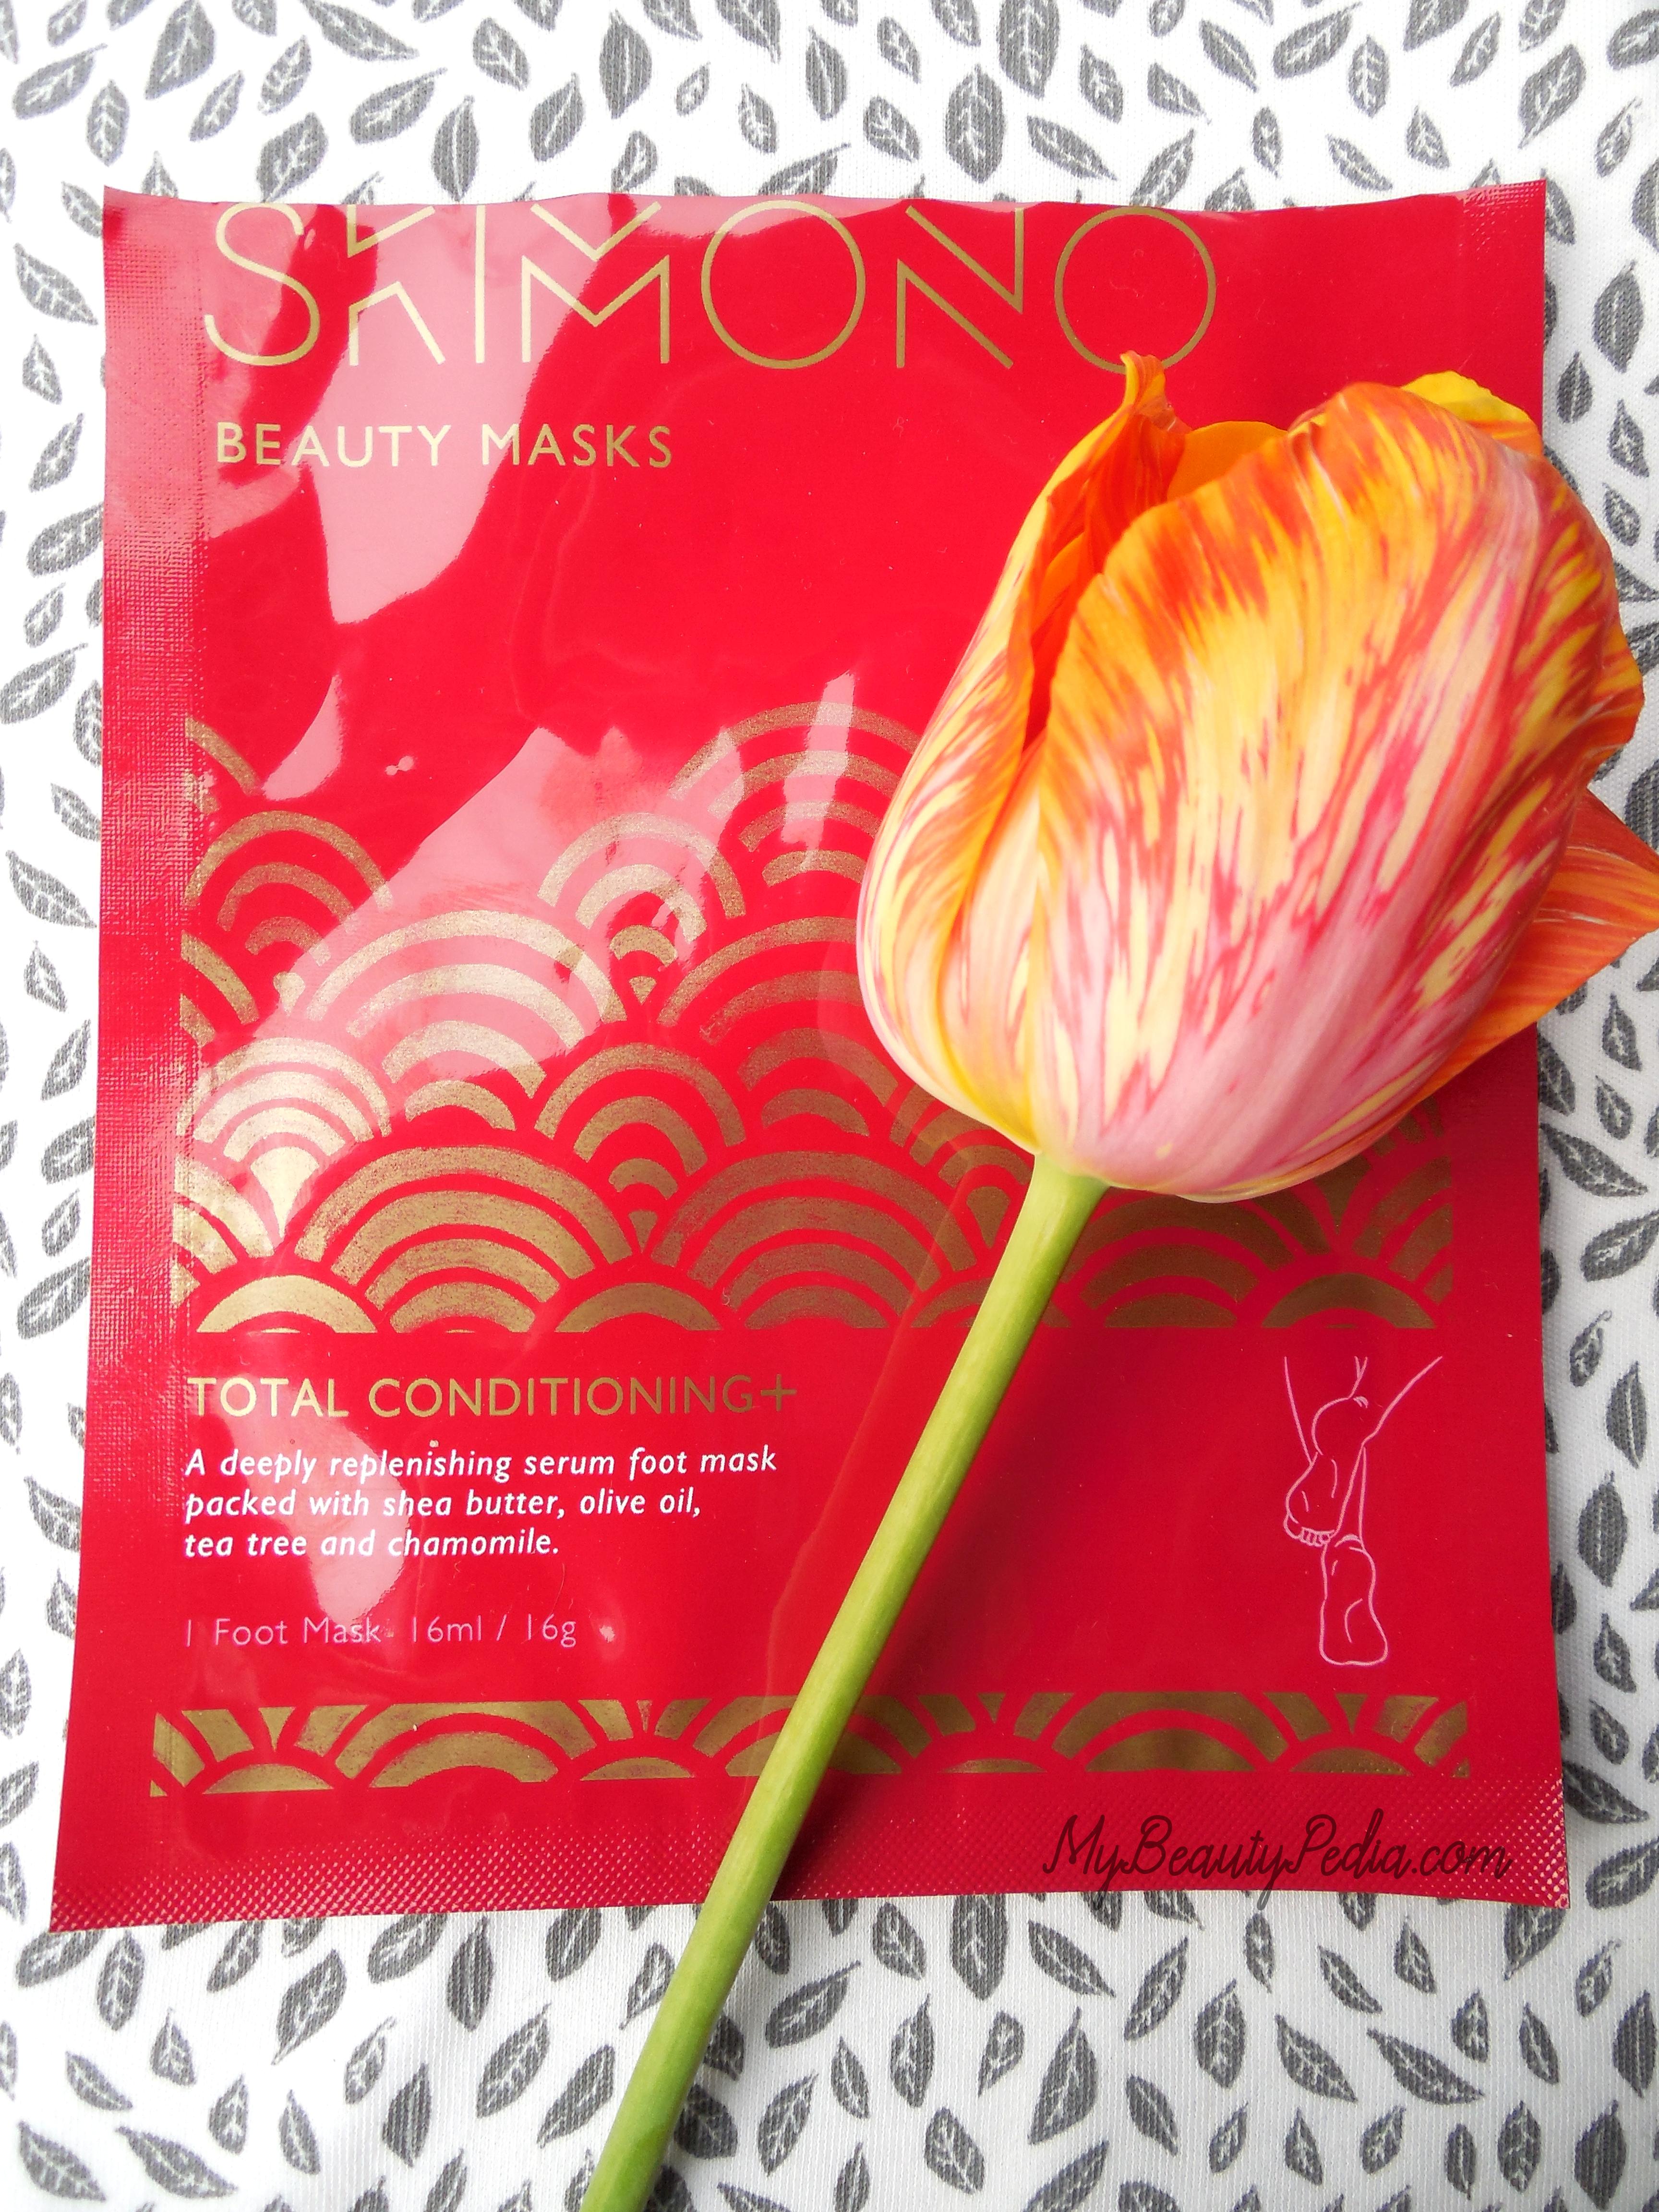 Skimono Beauty Foot Mask